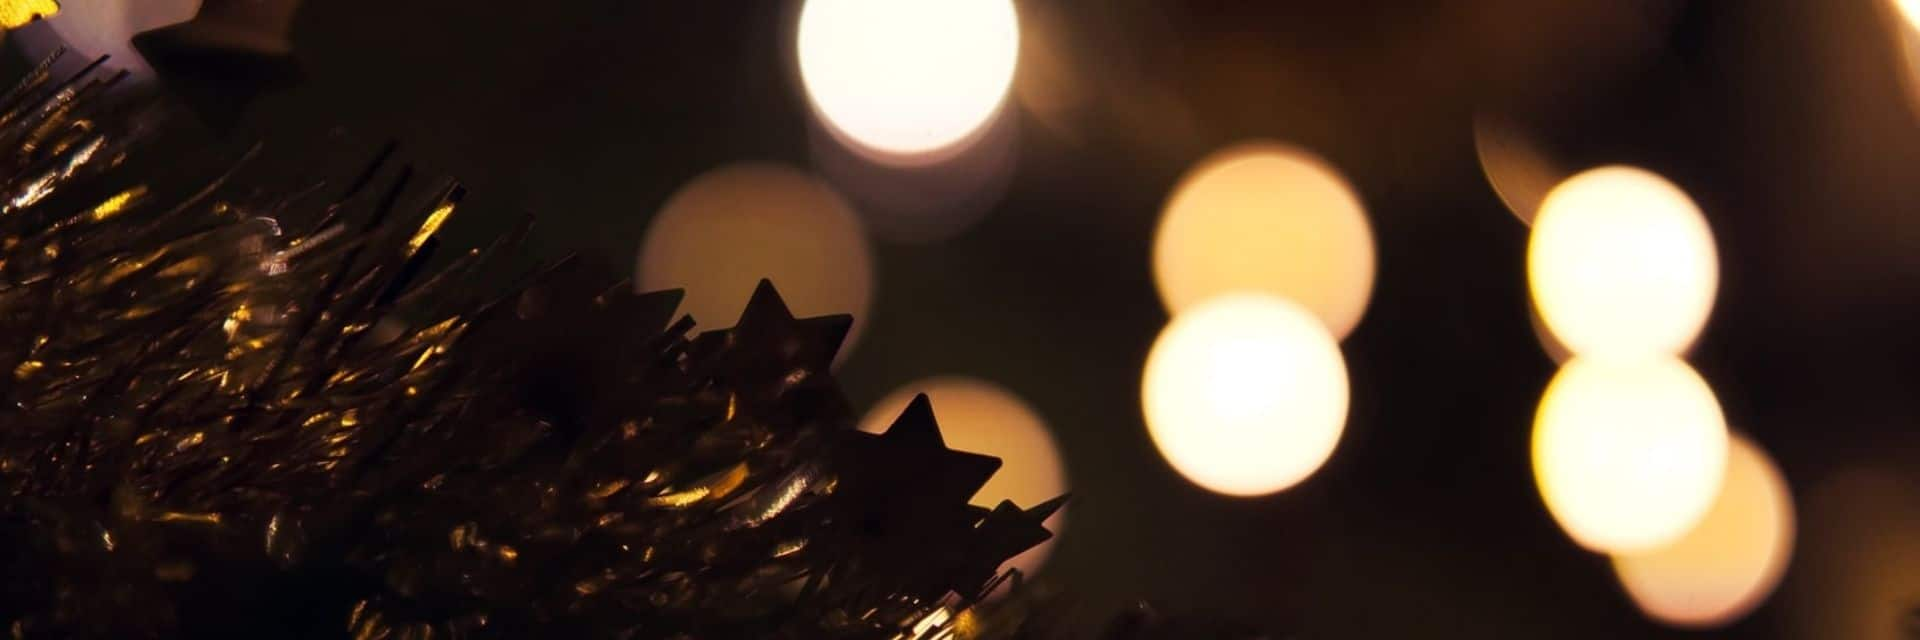 Office Holidays Lights